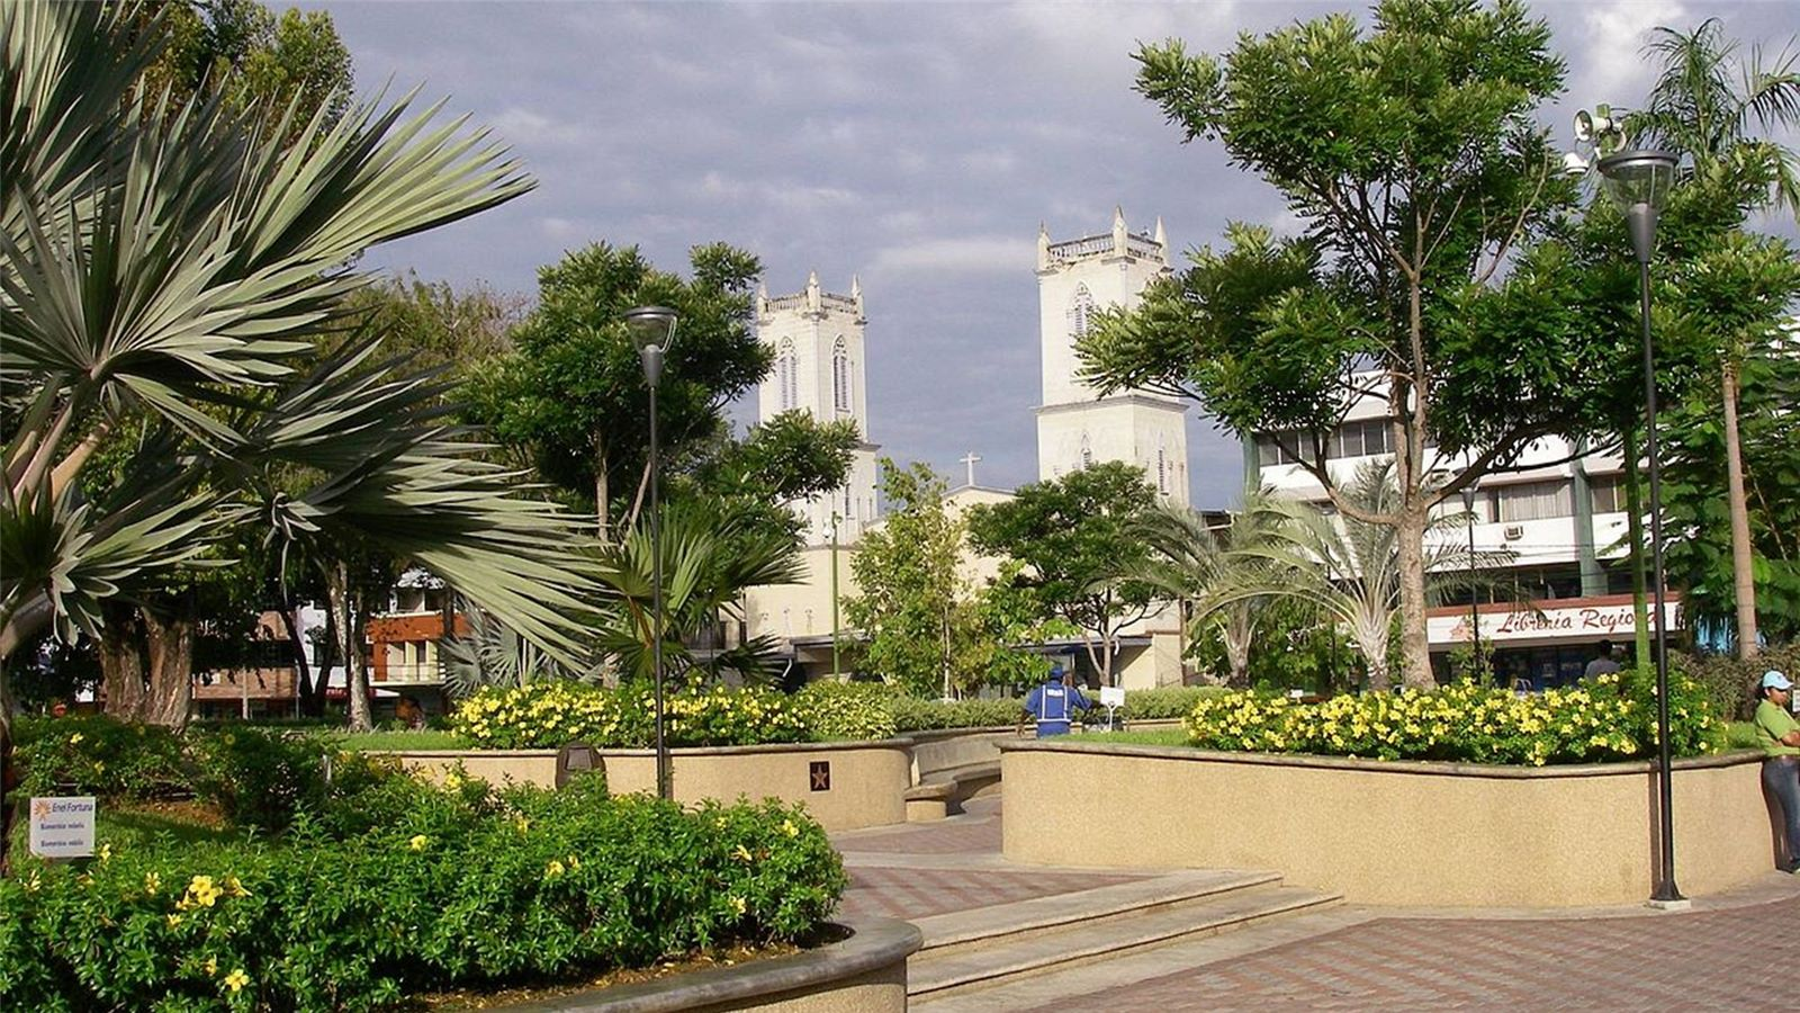 imagen de Ciudad David en Panamá